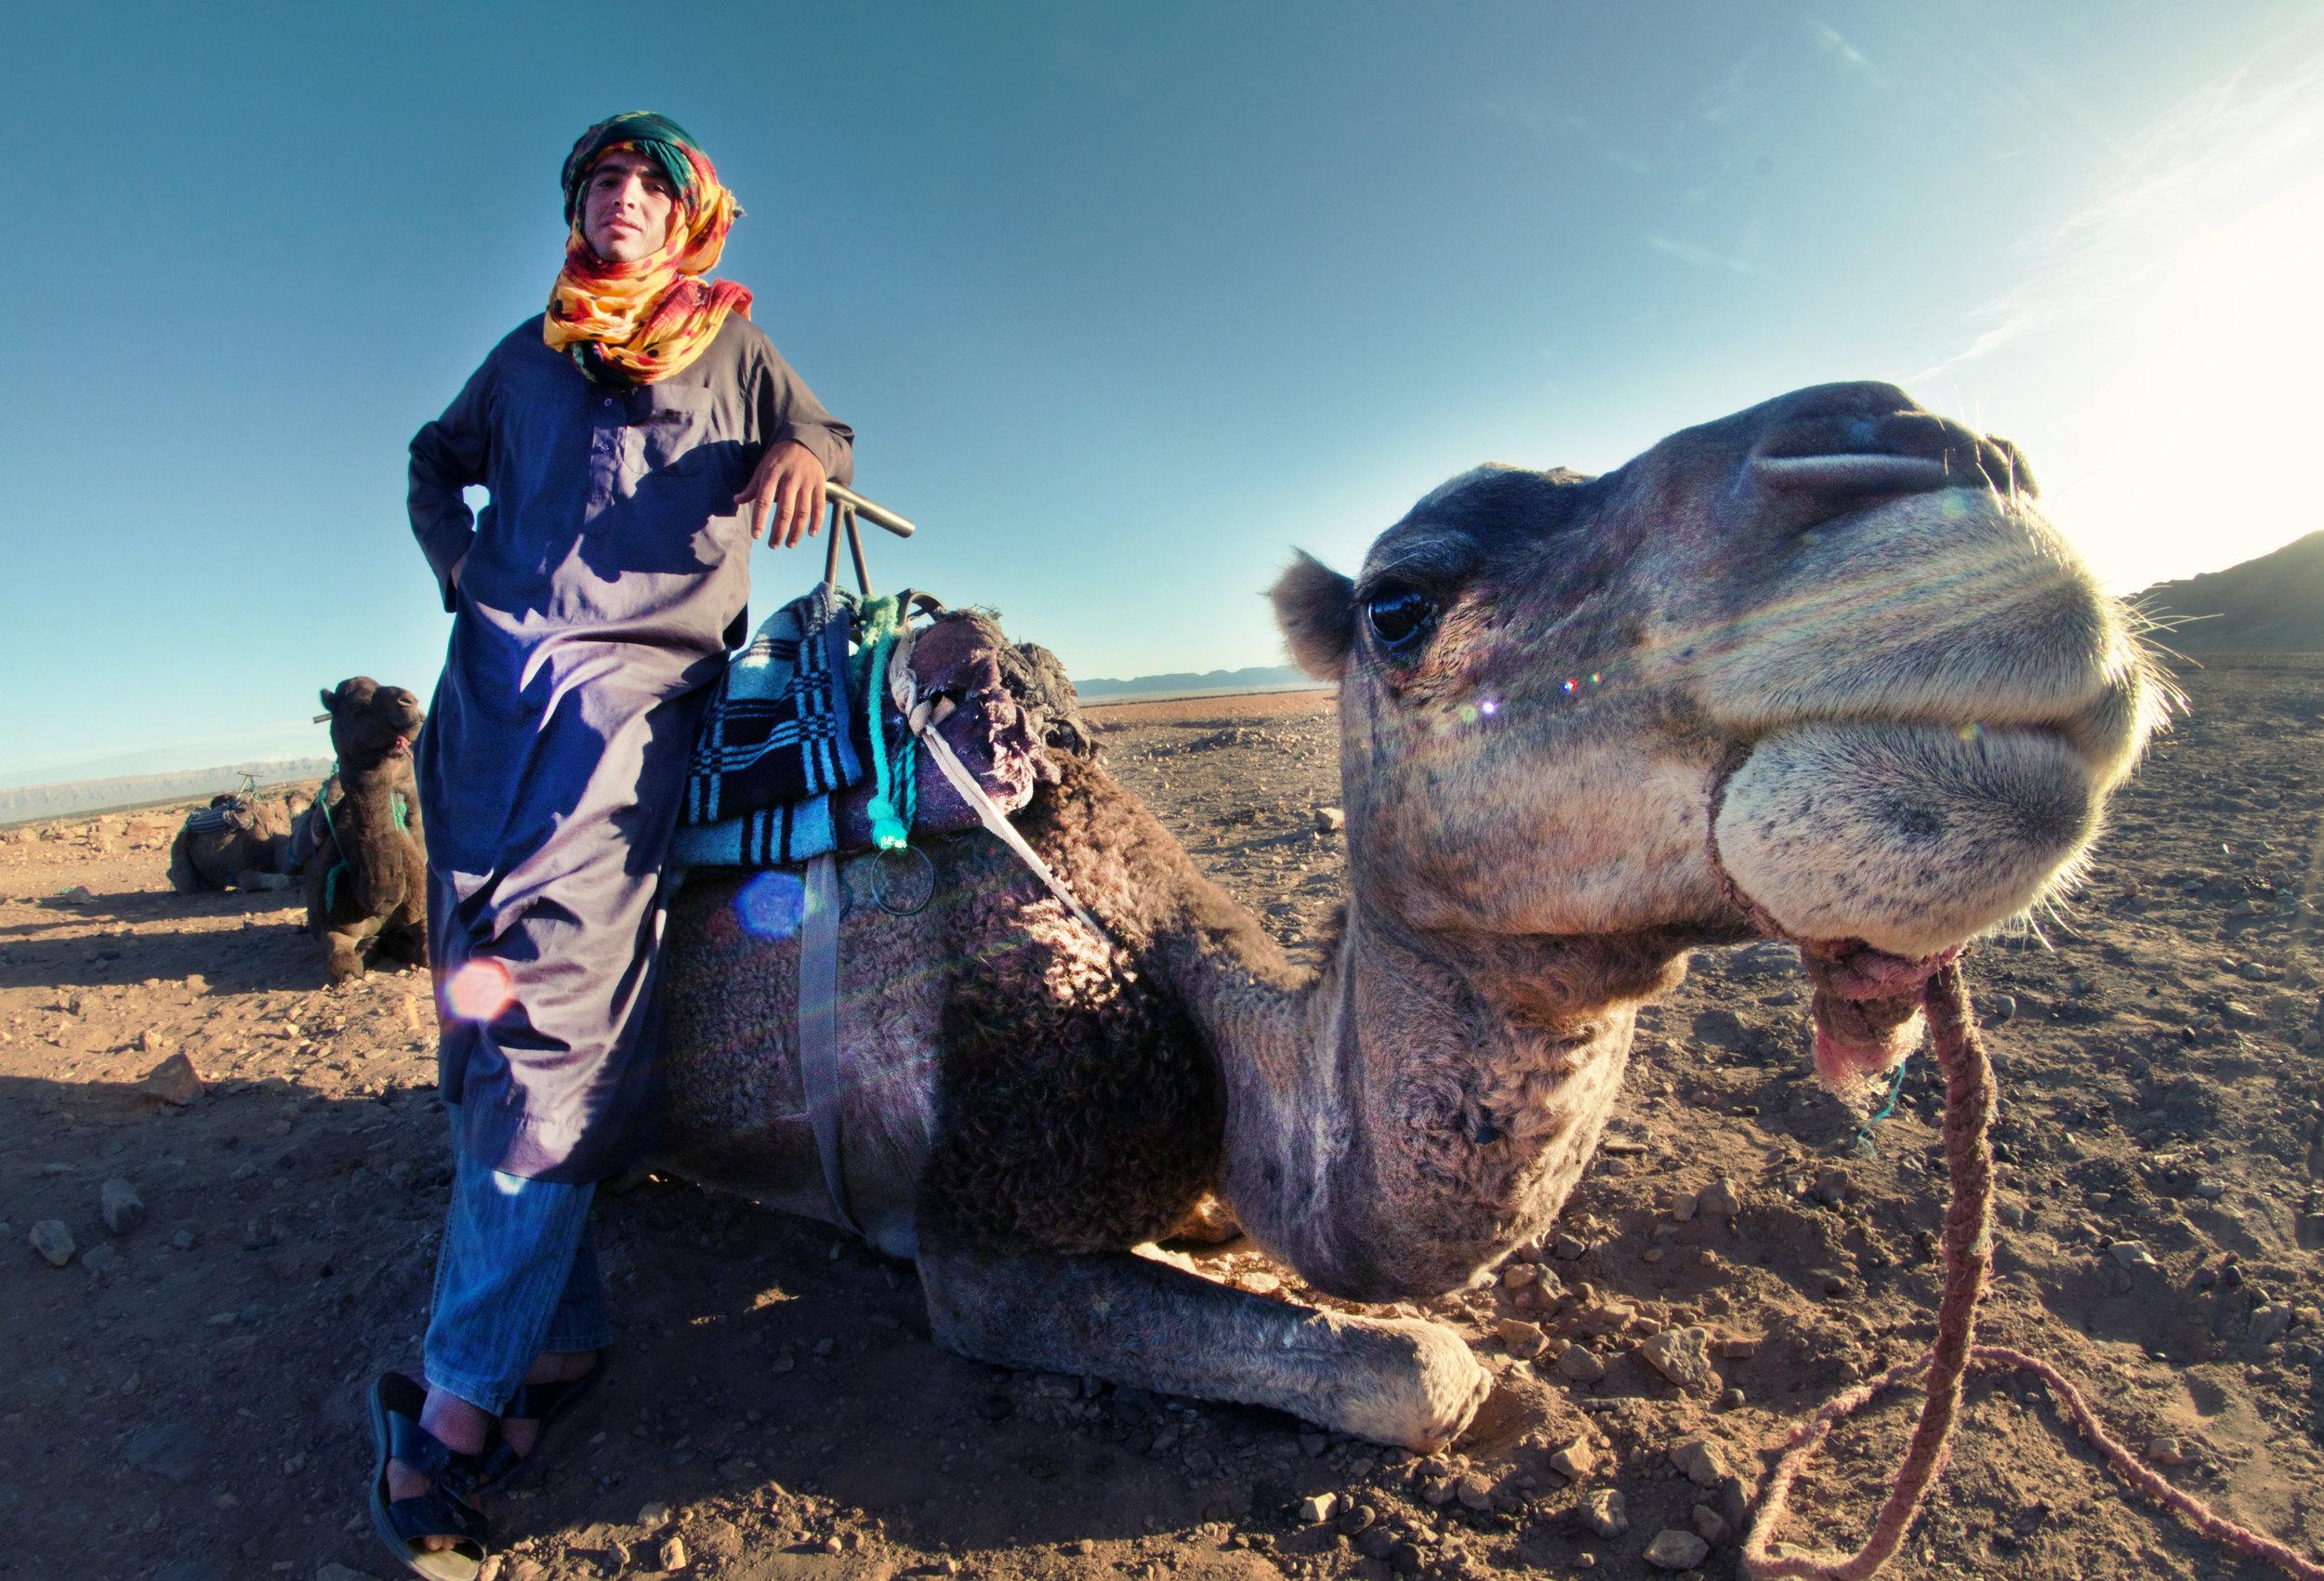 Morocco - Berber & Camel.jpg